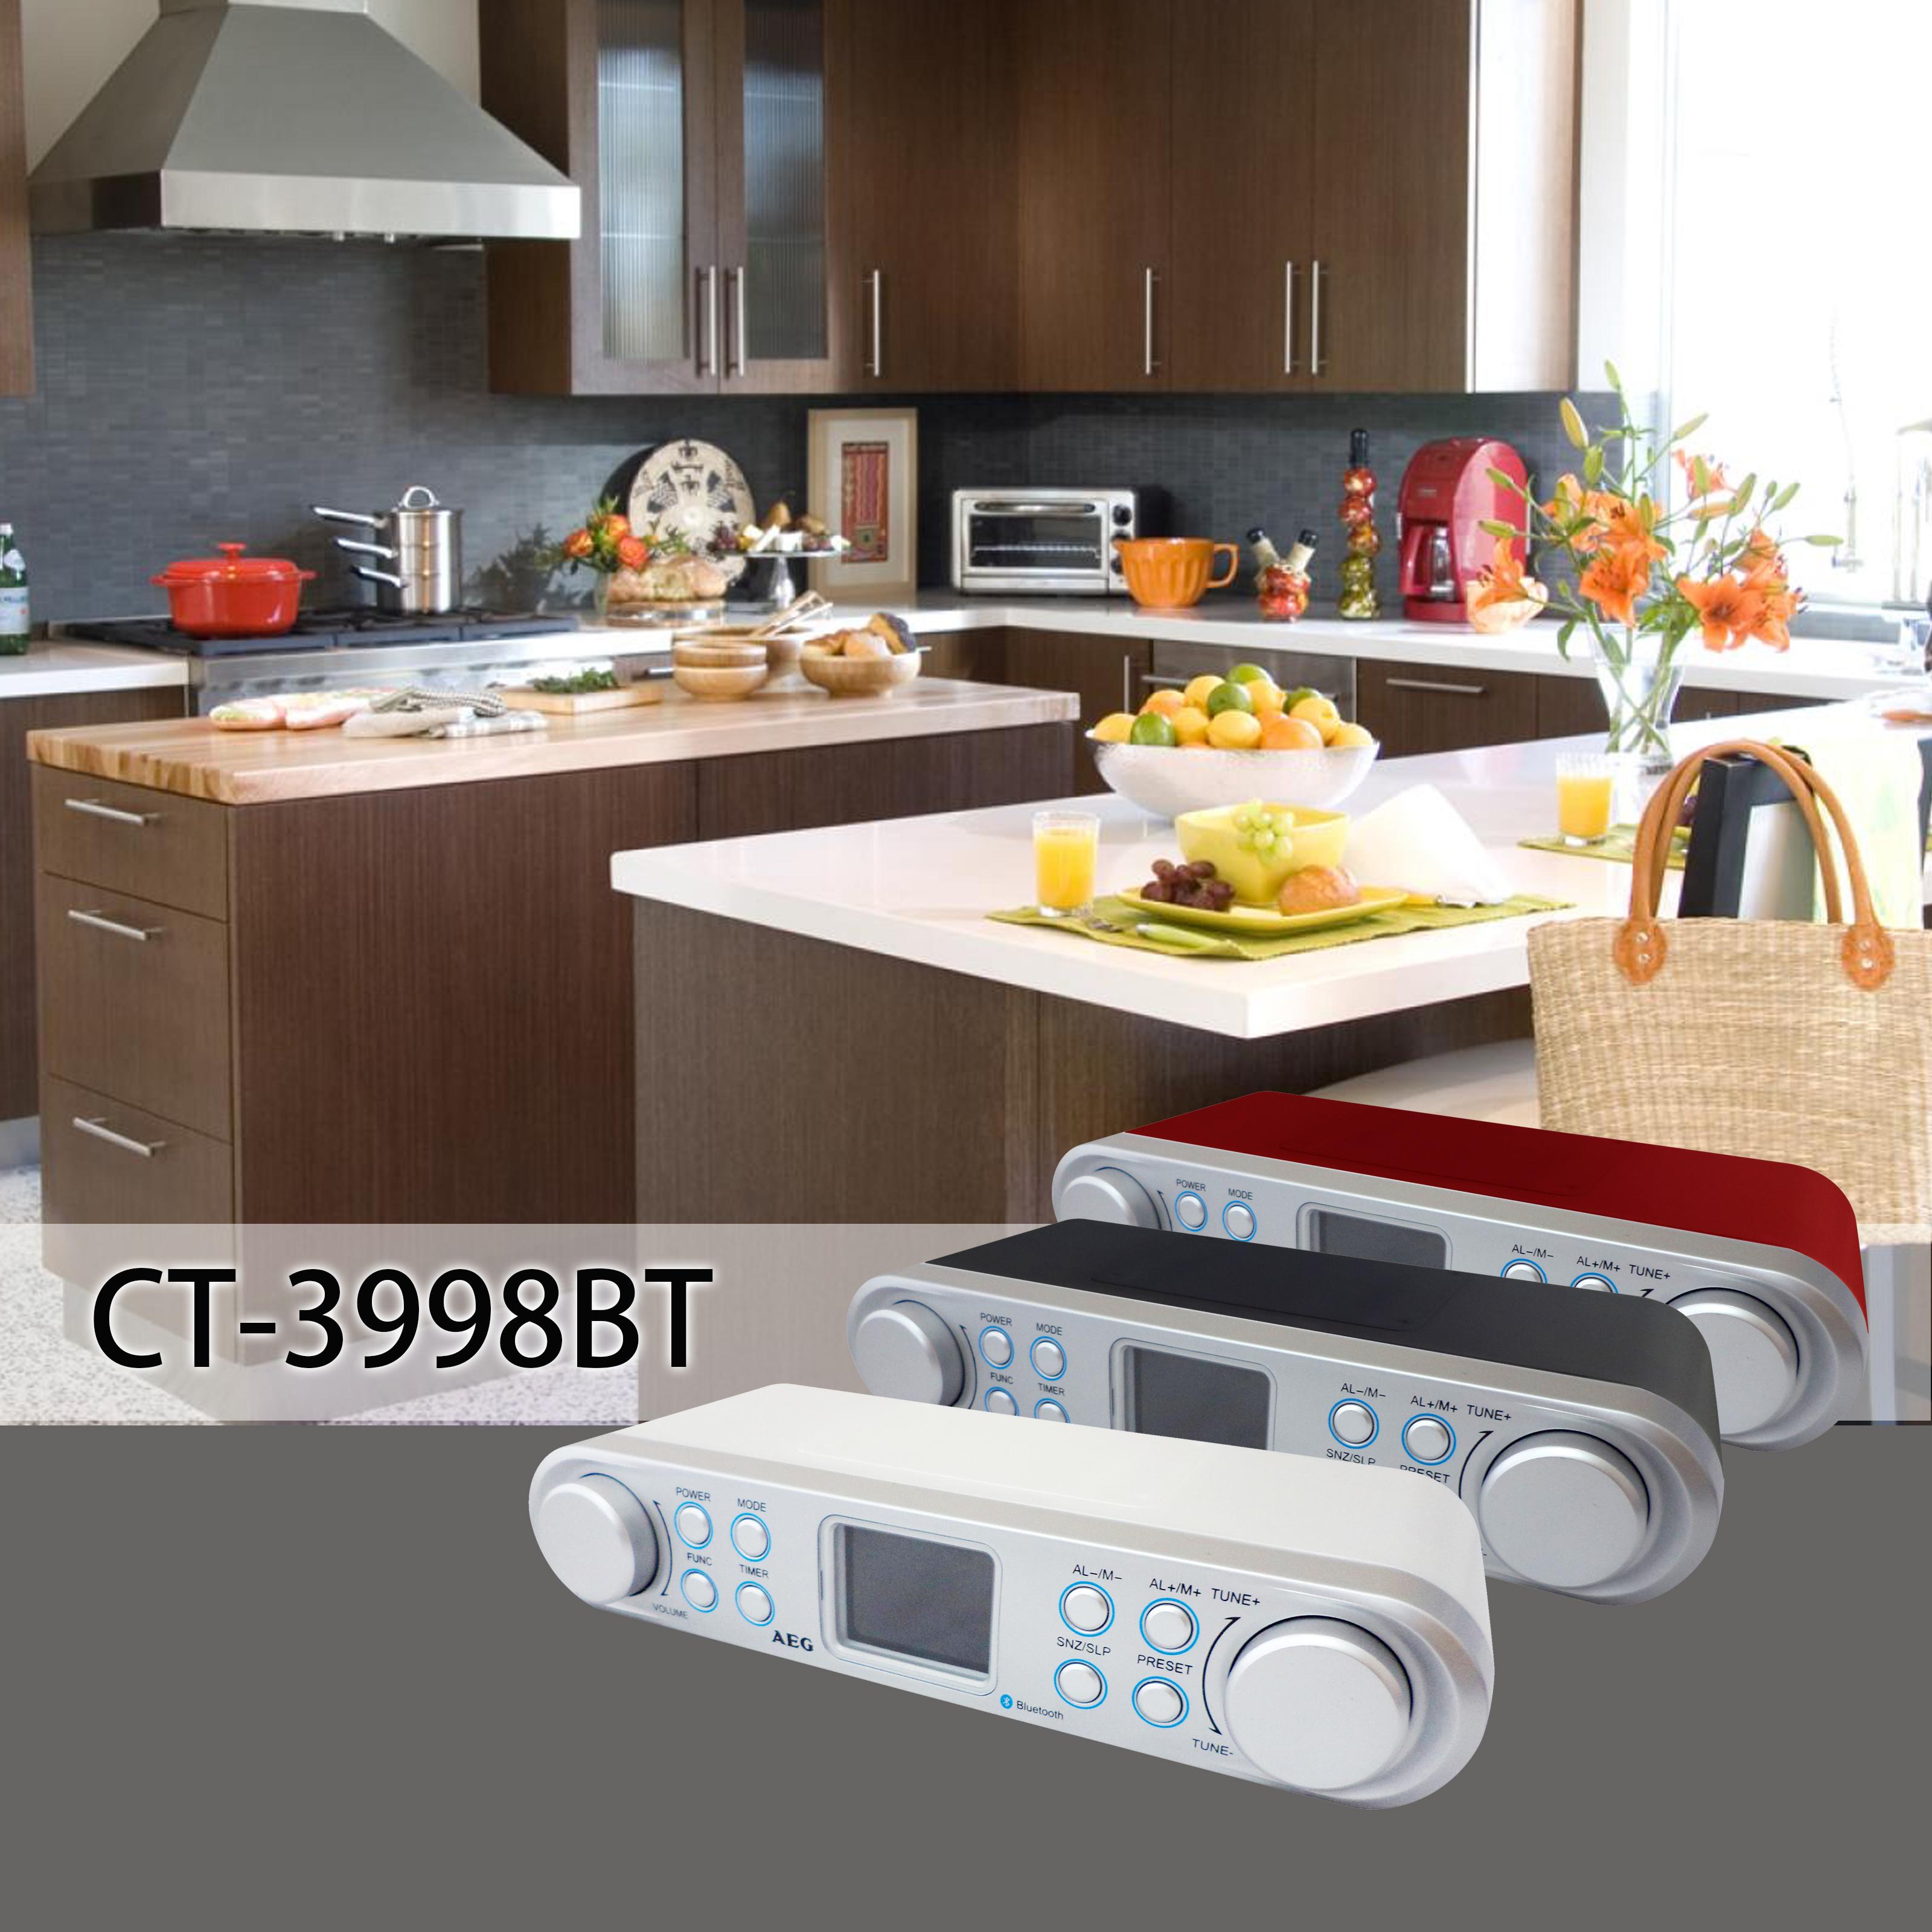 CT-3998BT KitchenB .jpg